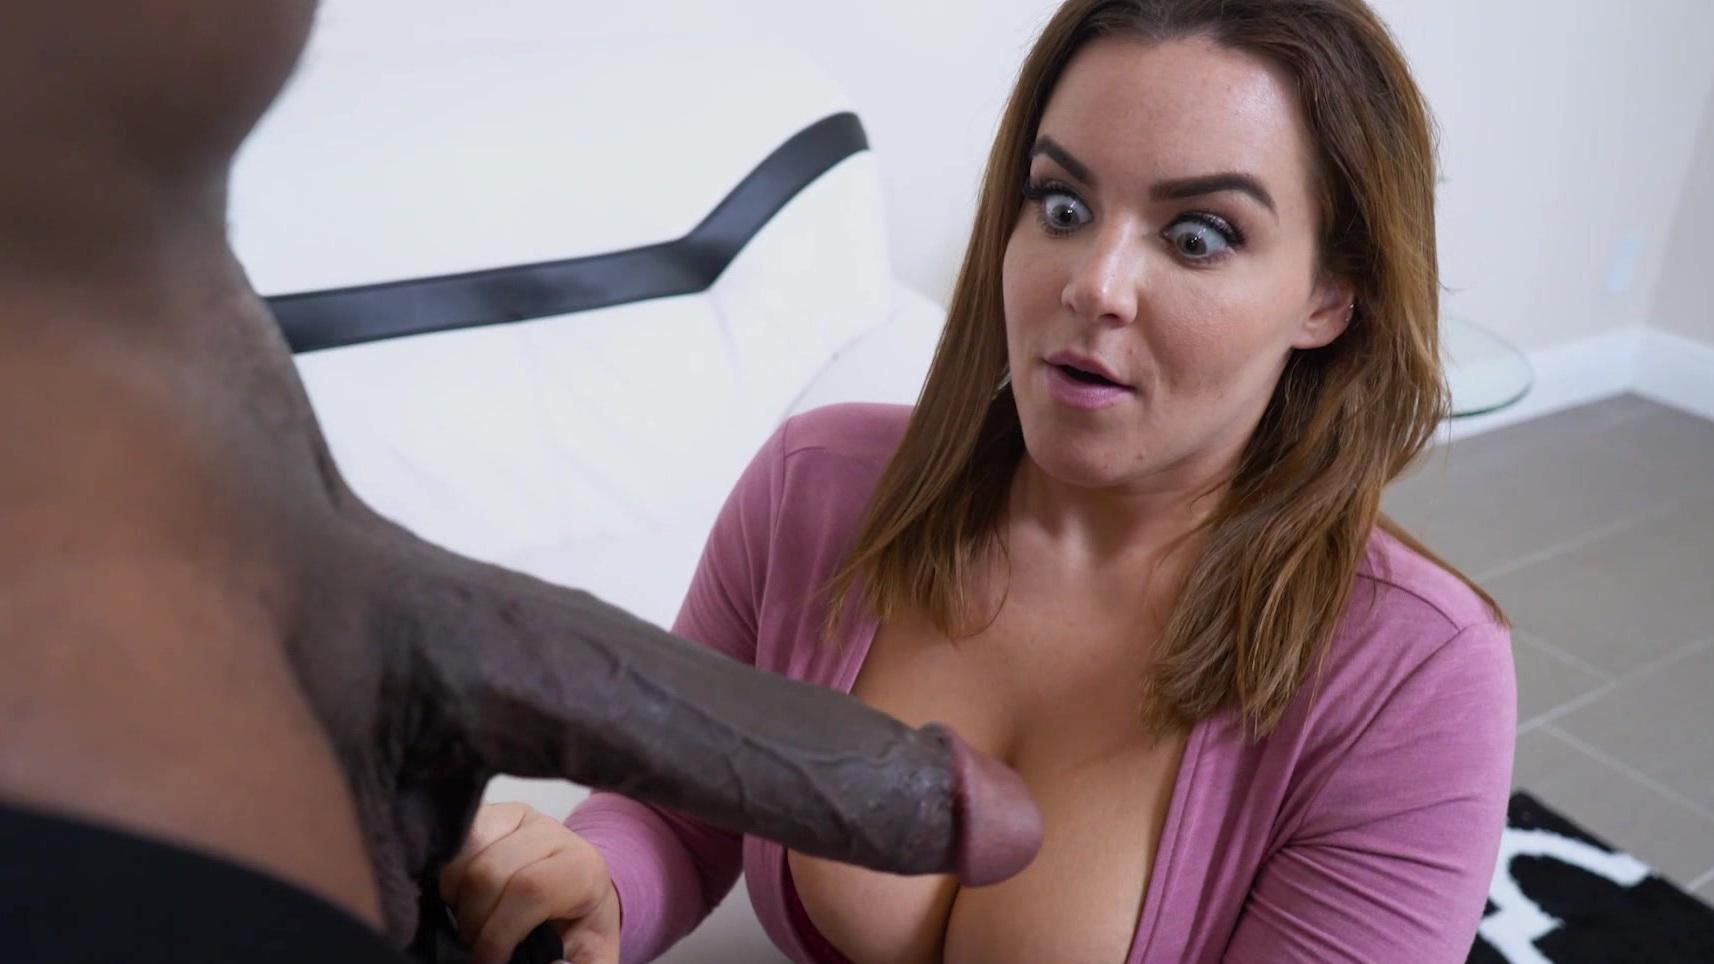 solo male masturbation ass